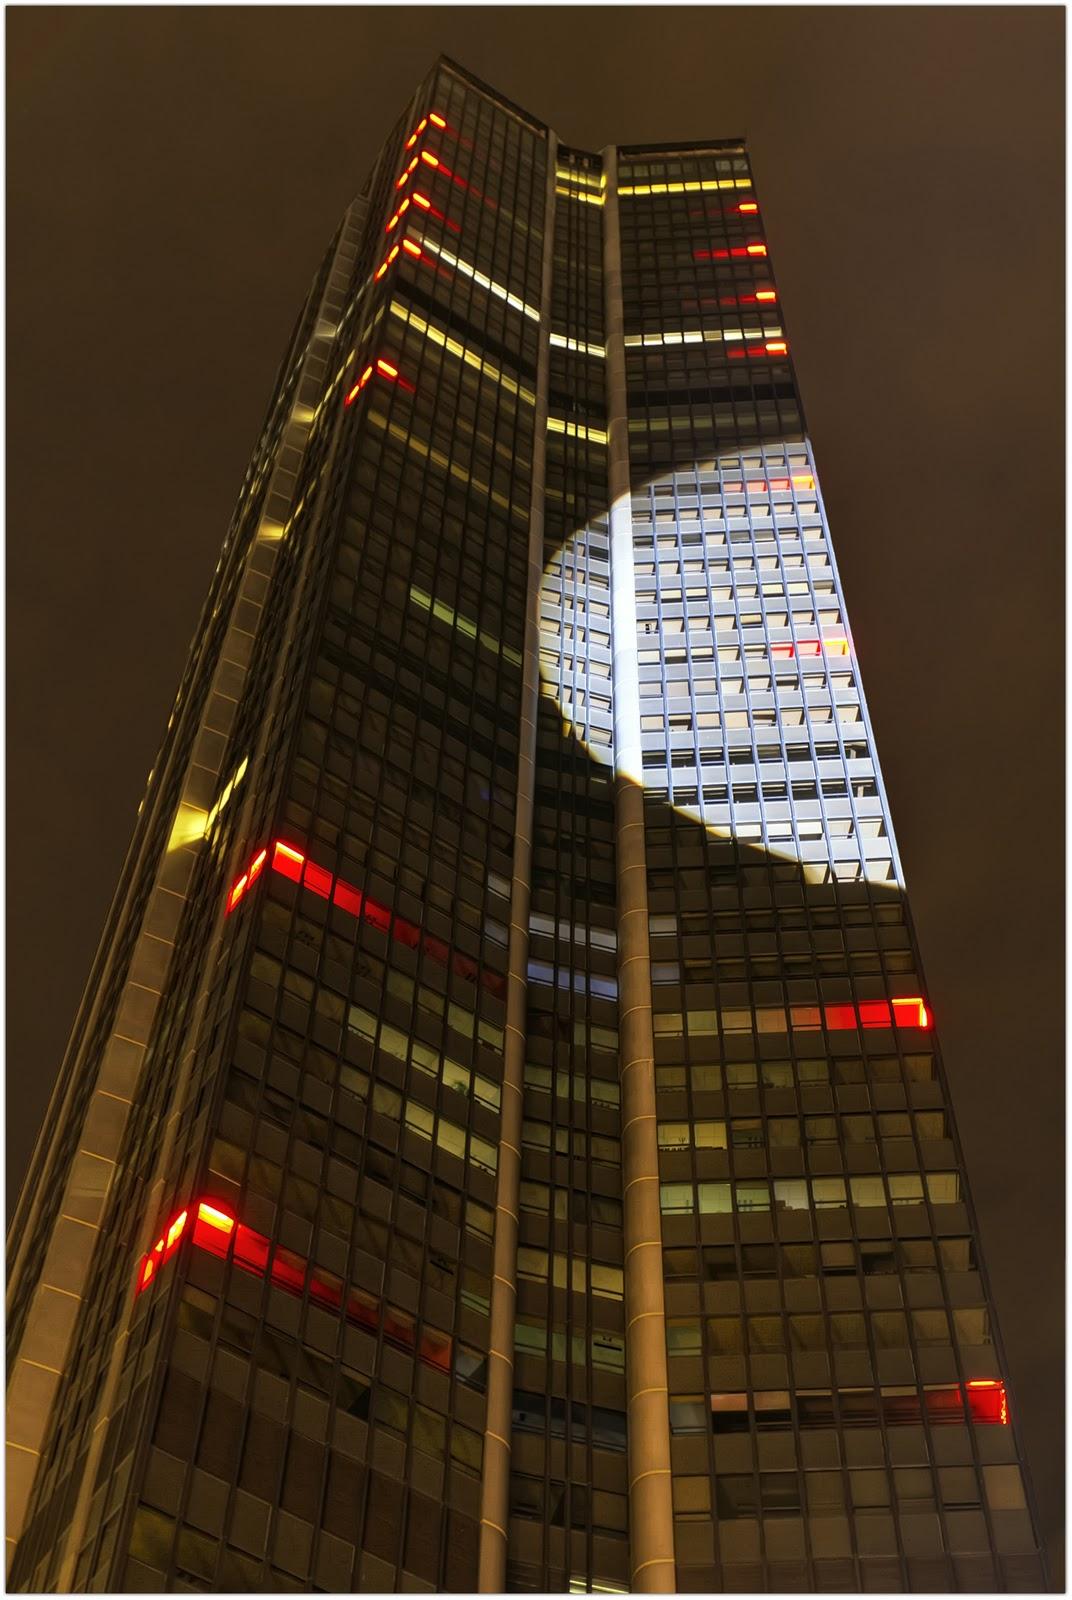 Nuit blanche 2010.Tour Montparnasse (Paris).Tout le reste est dans l'ombre